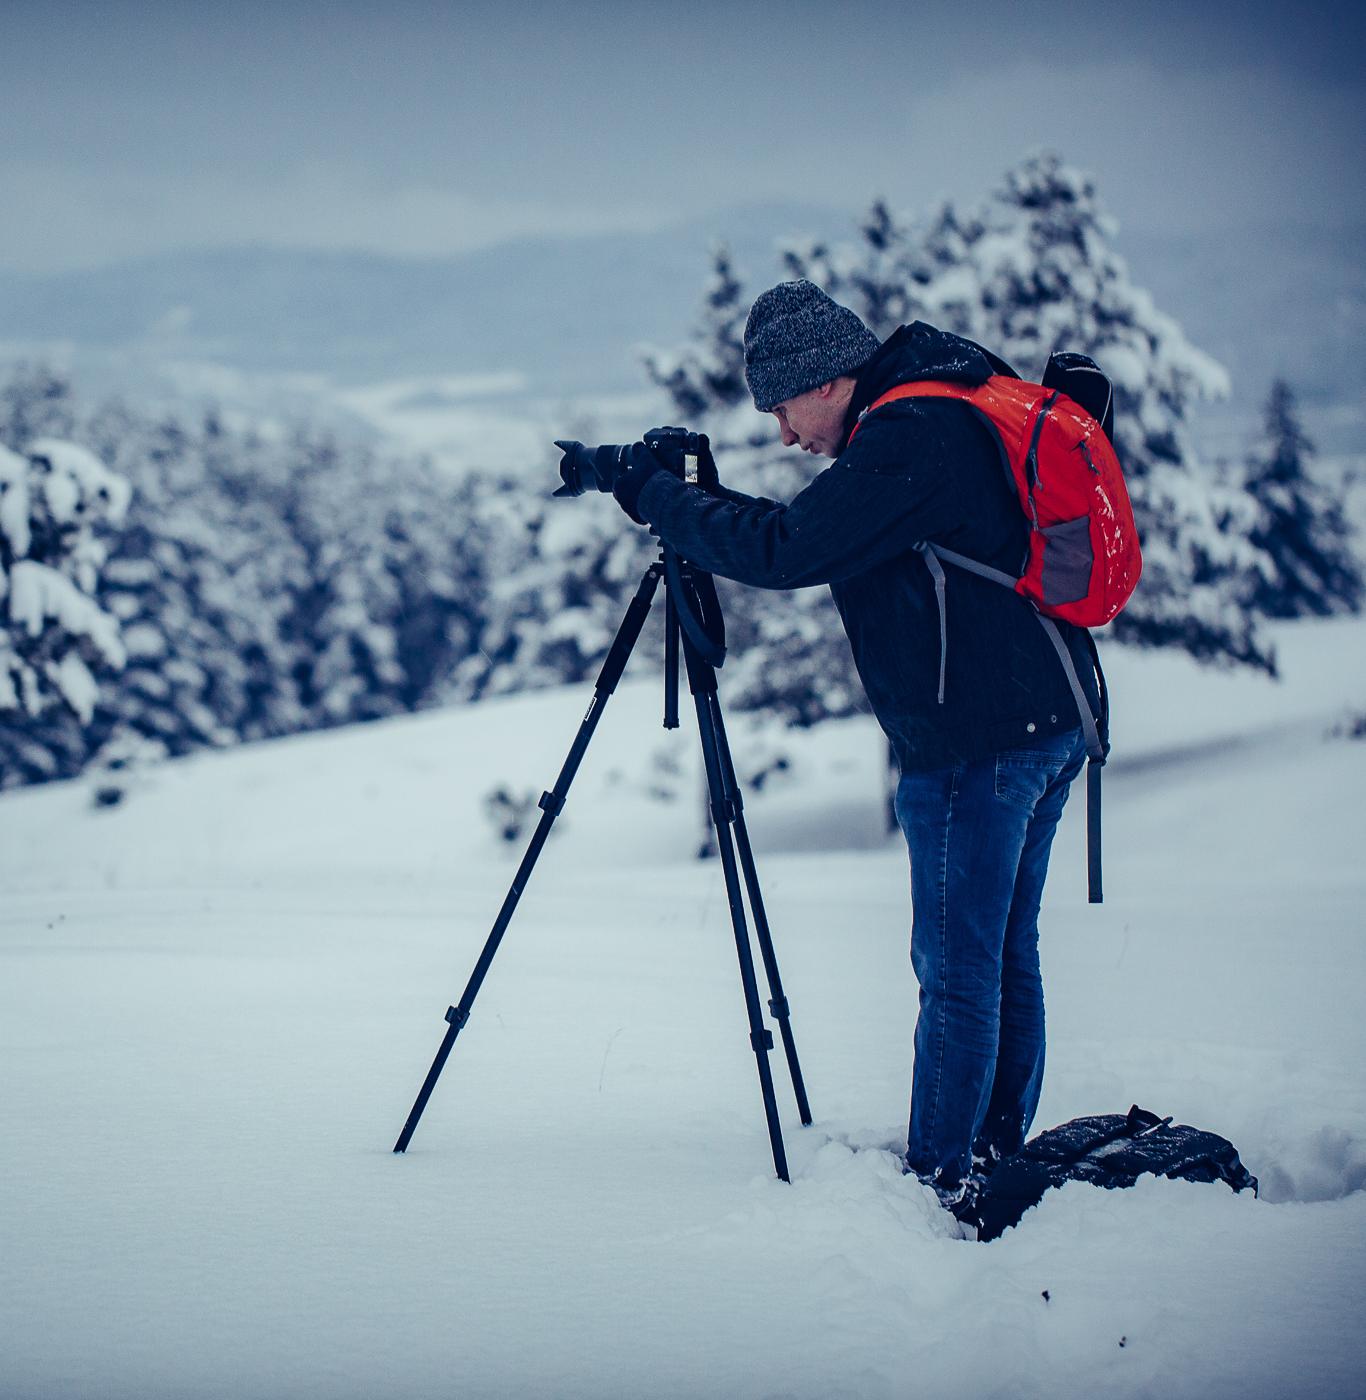 Андрей прави снимки в снега - Как да поддържаме блог, поддръжка на блог